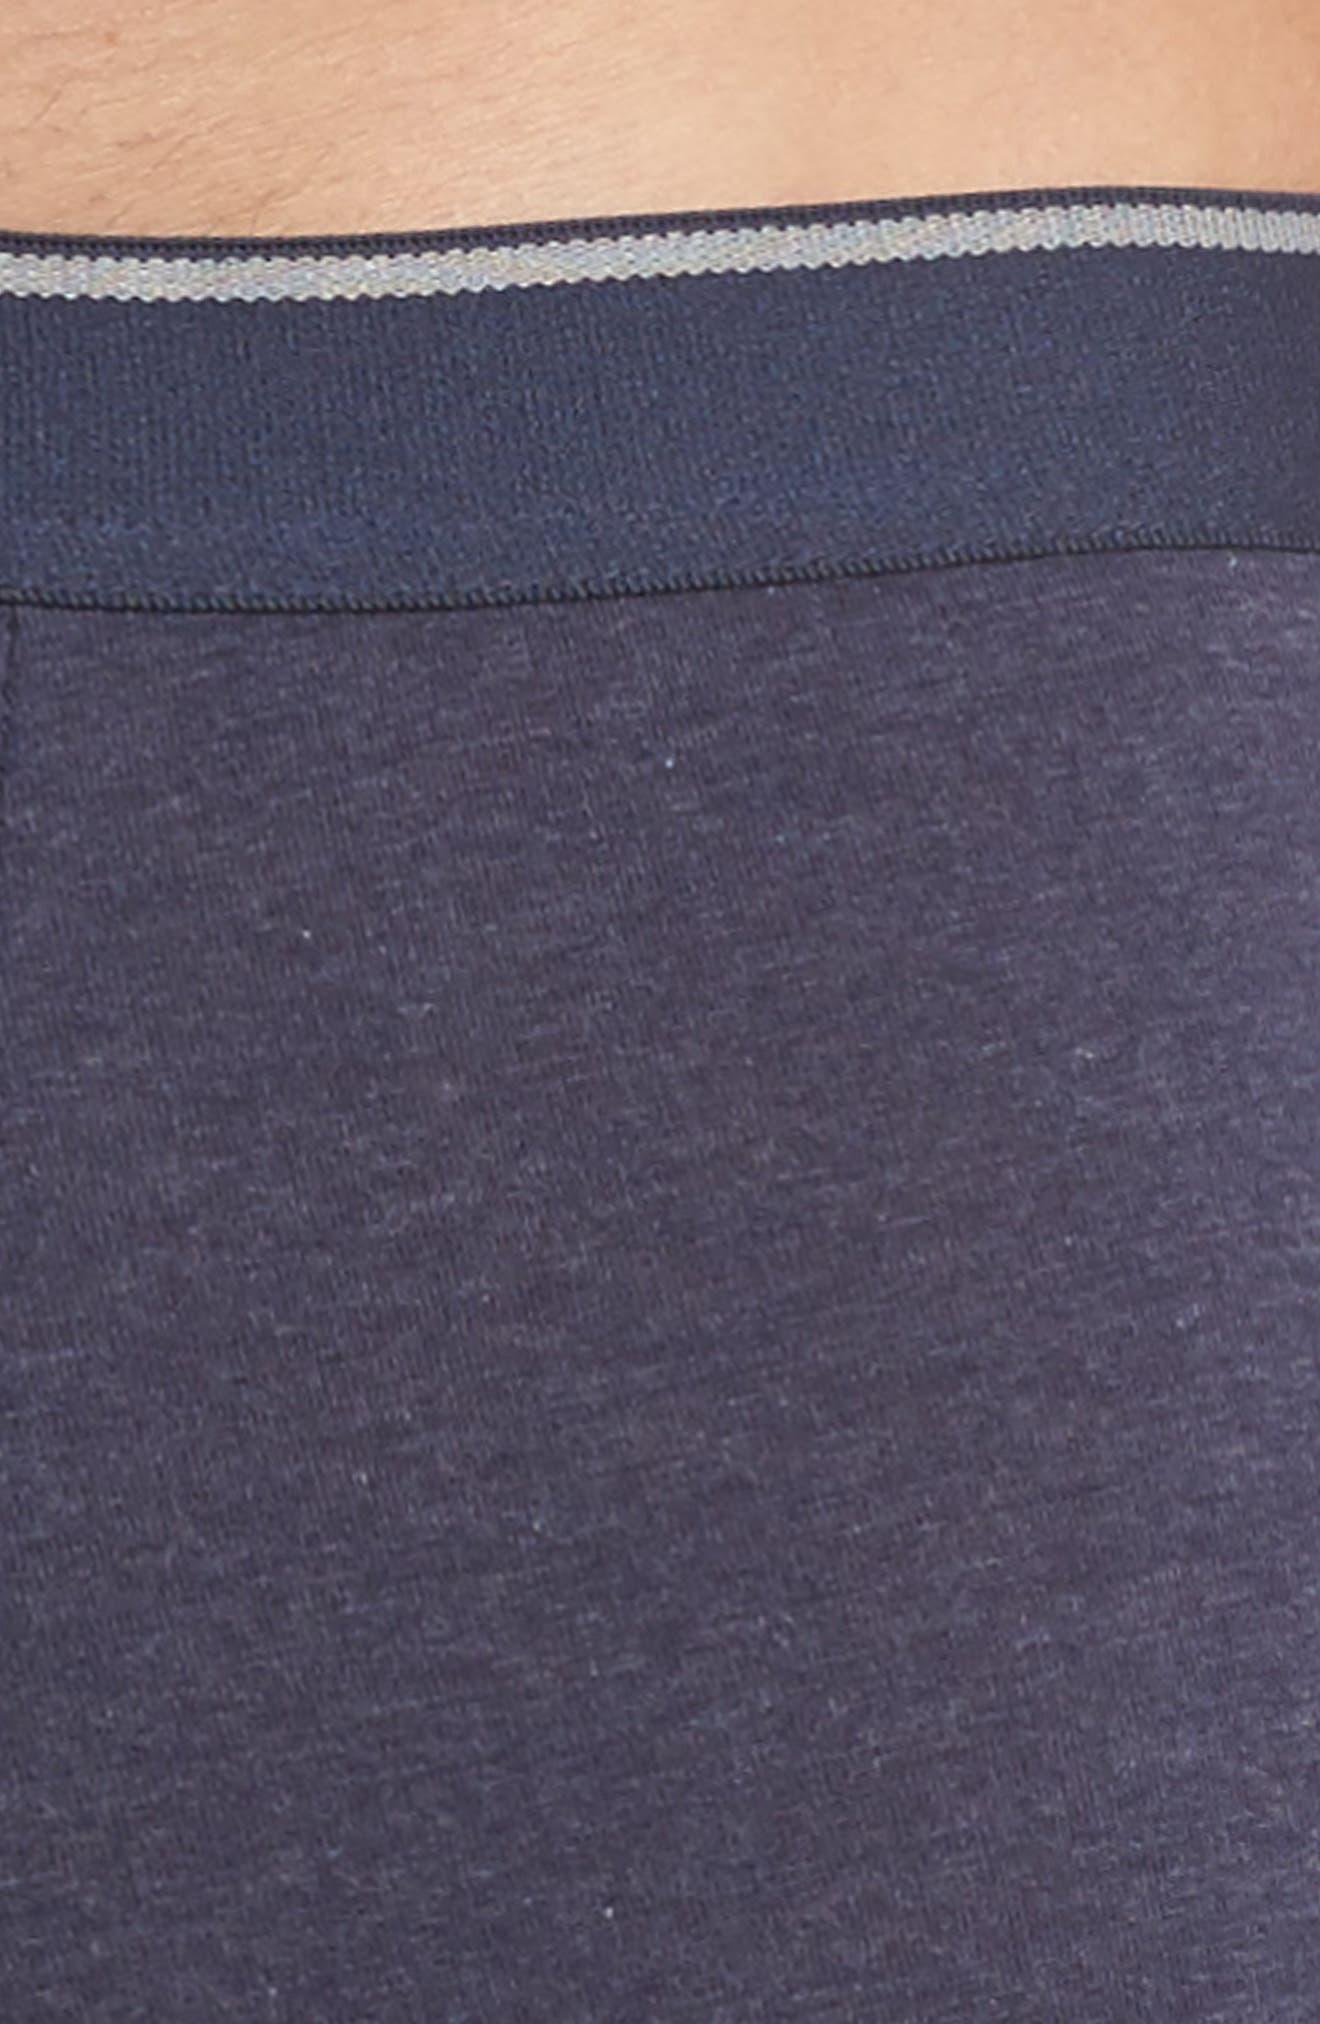 3-Pack Stretch Cotton Boxer Briefs,                             Alternate thumbnail 15, color,